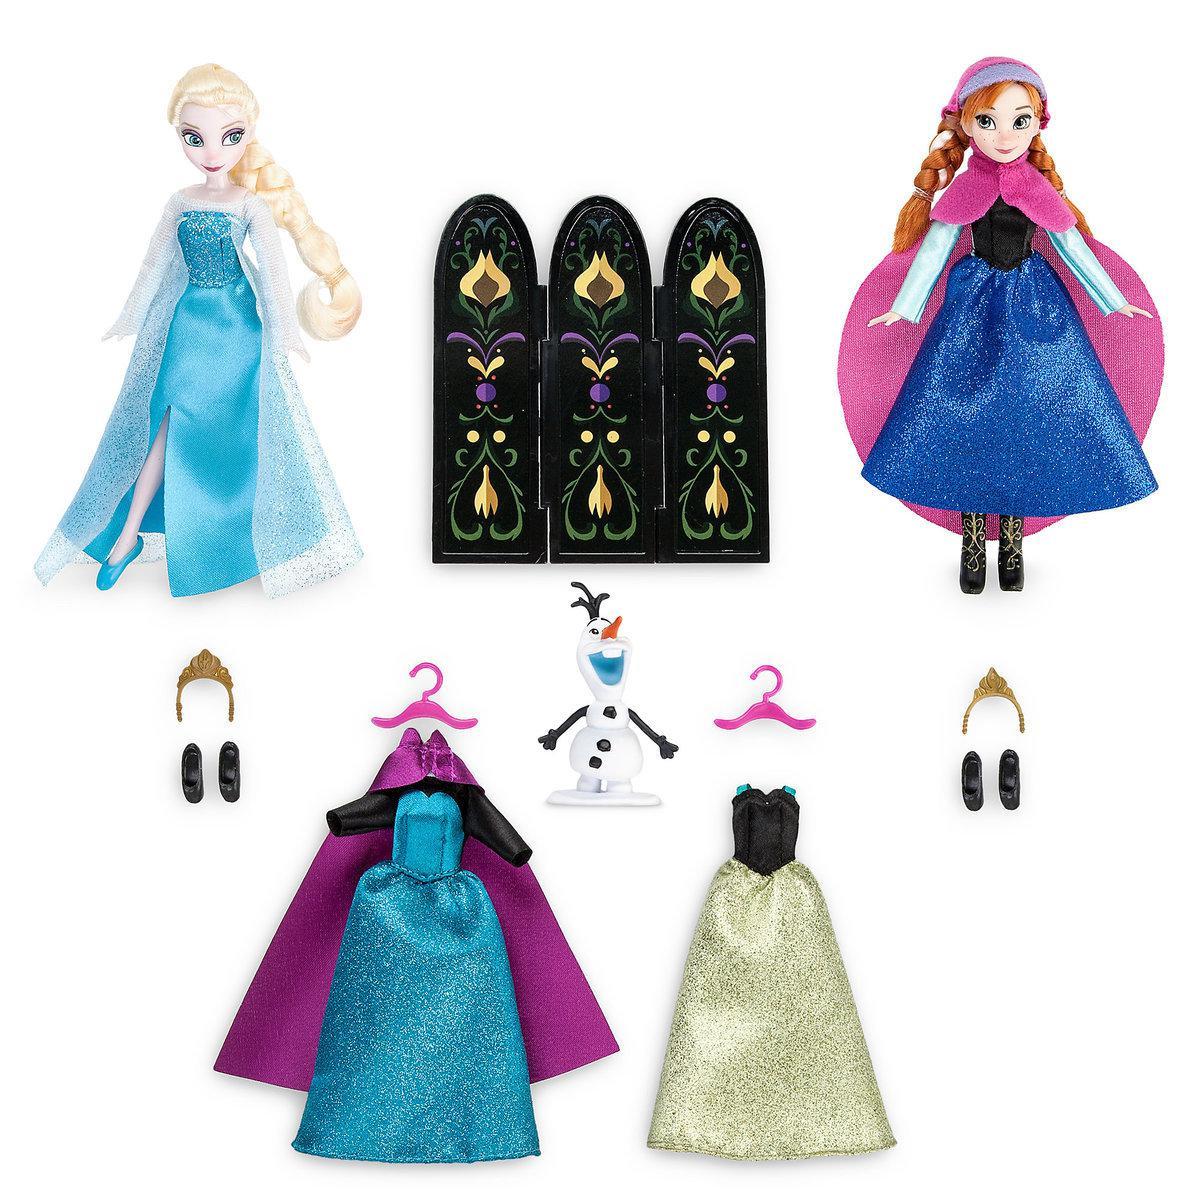 Анна и Эльза набор кукол и гардероб Холодное сердце ДИСНЕЙ / DISNEY Frozen